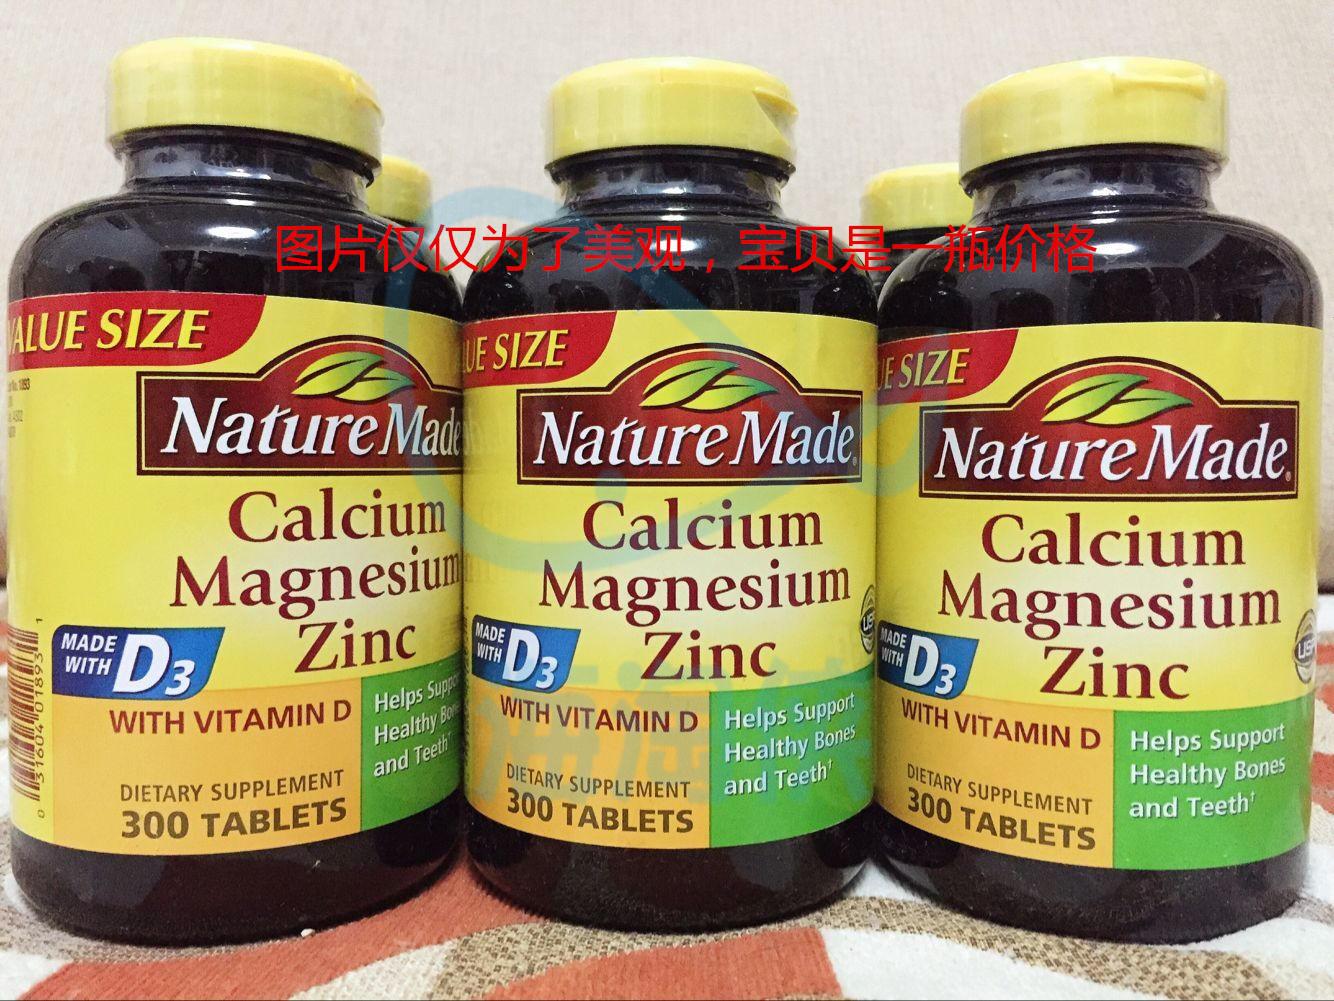 Сша Nature Made кальций магний цинк размер сырье вегетарианец D3 лист для взрослых в пожилых кальций лист 300 зерна